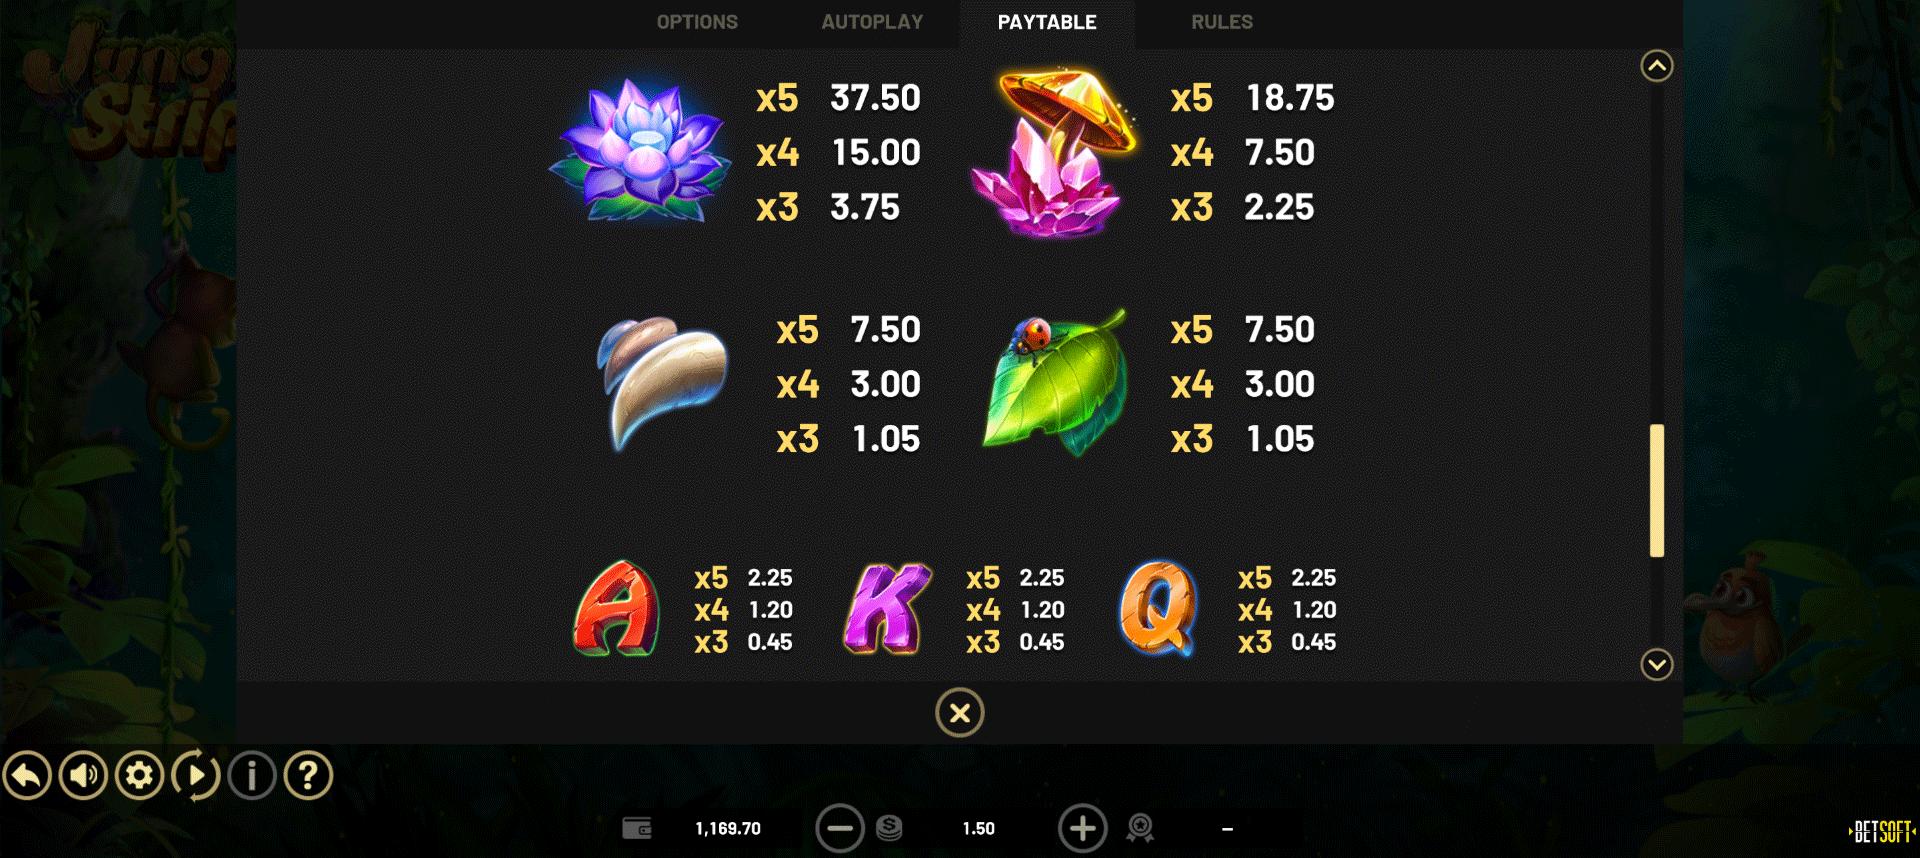 simboli del gioco slot online jungle stripes